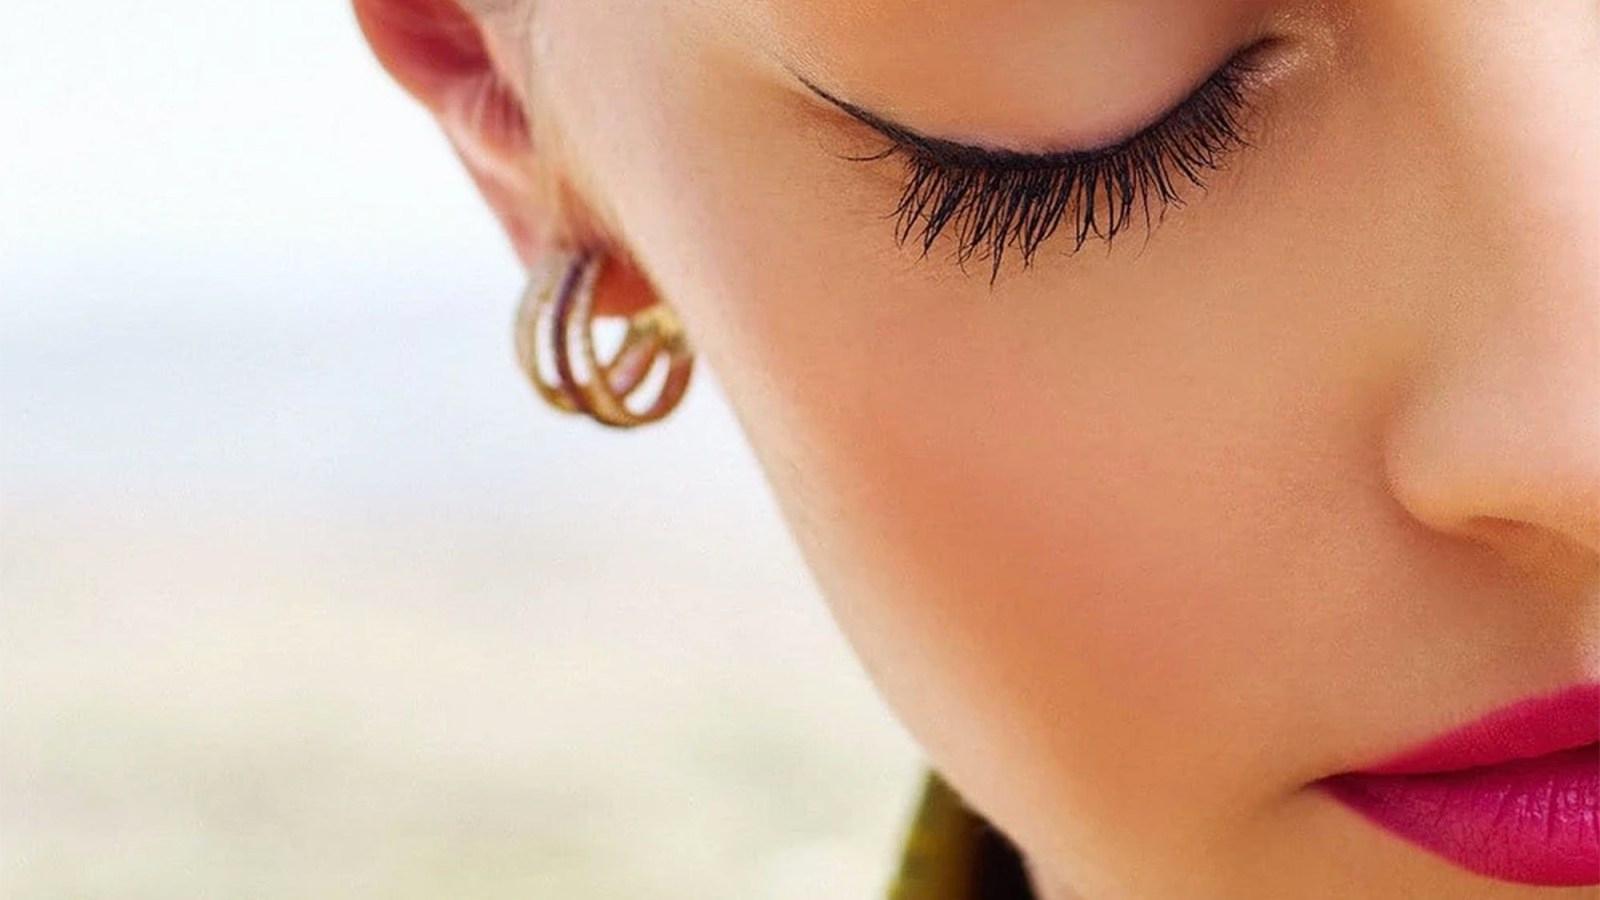 ilia-mascara-lashes